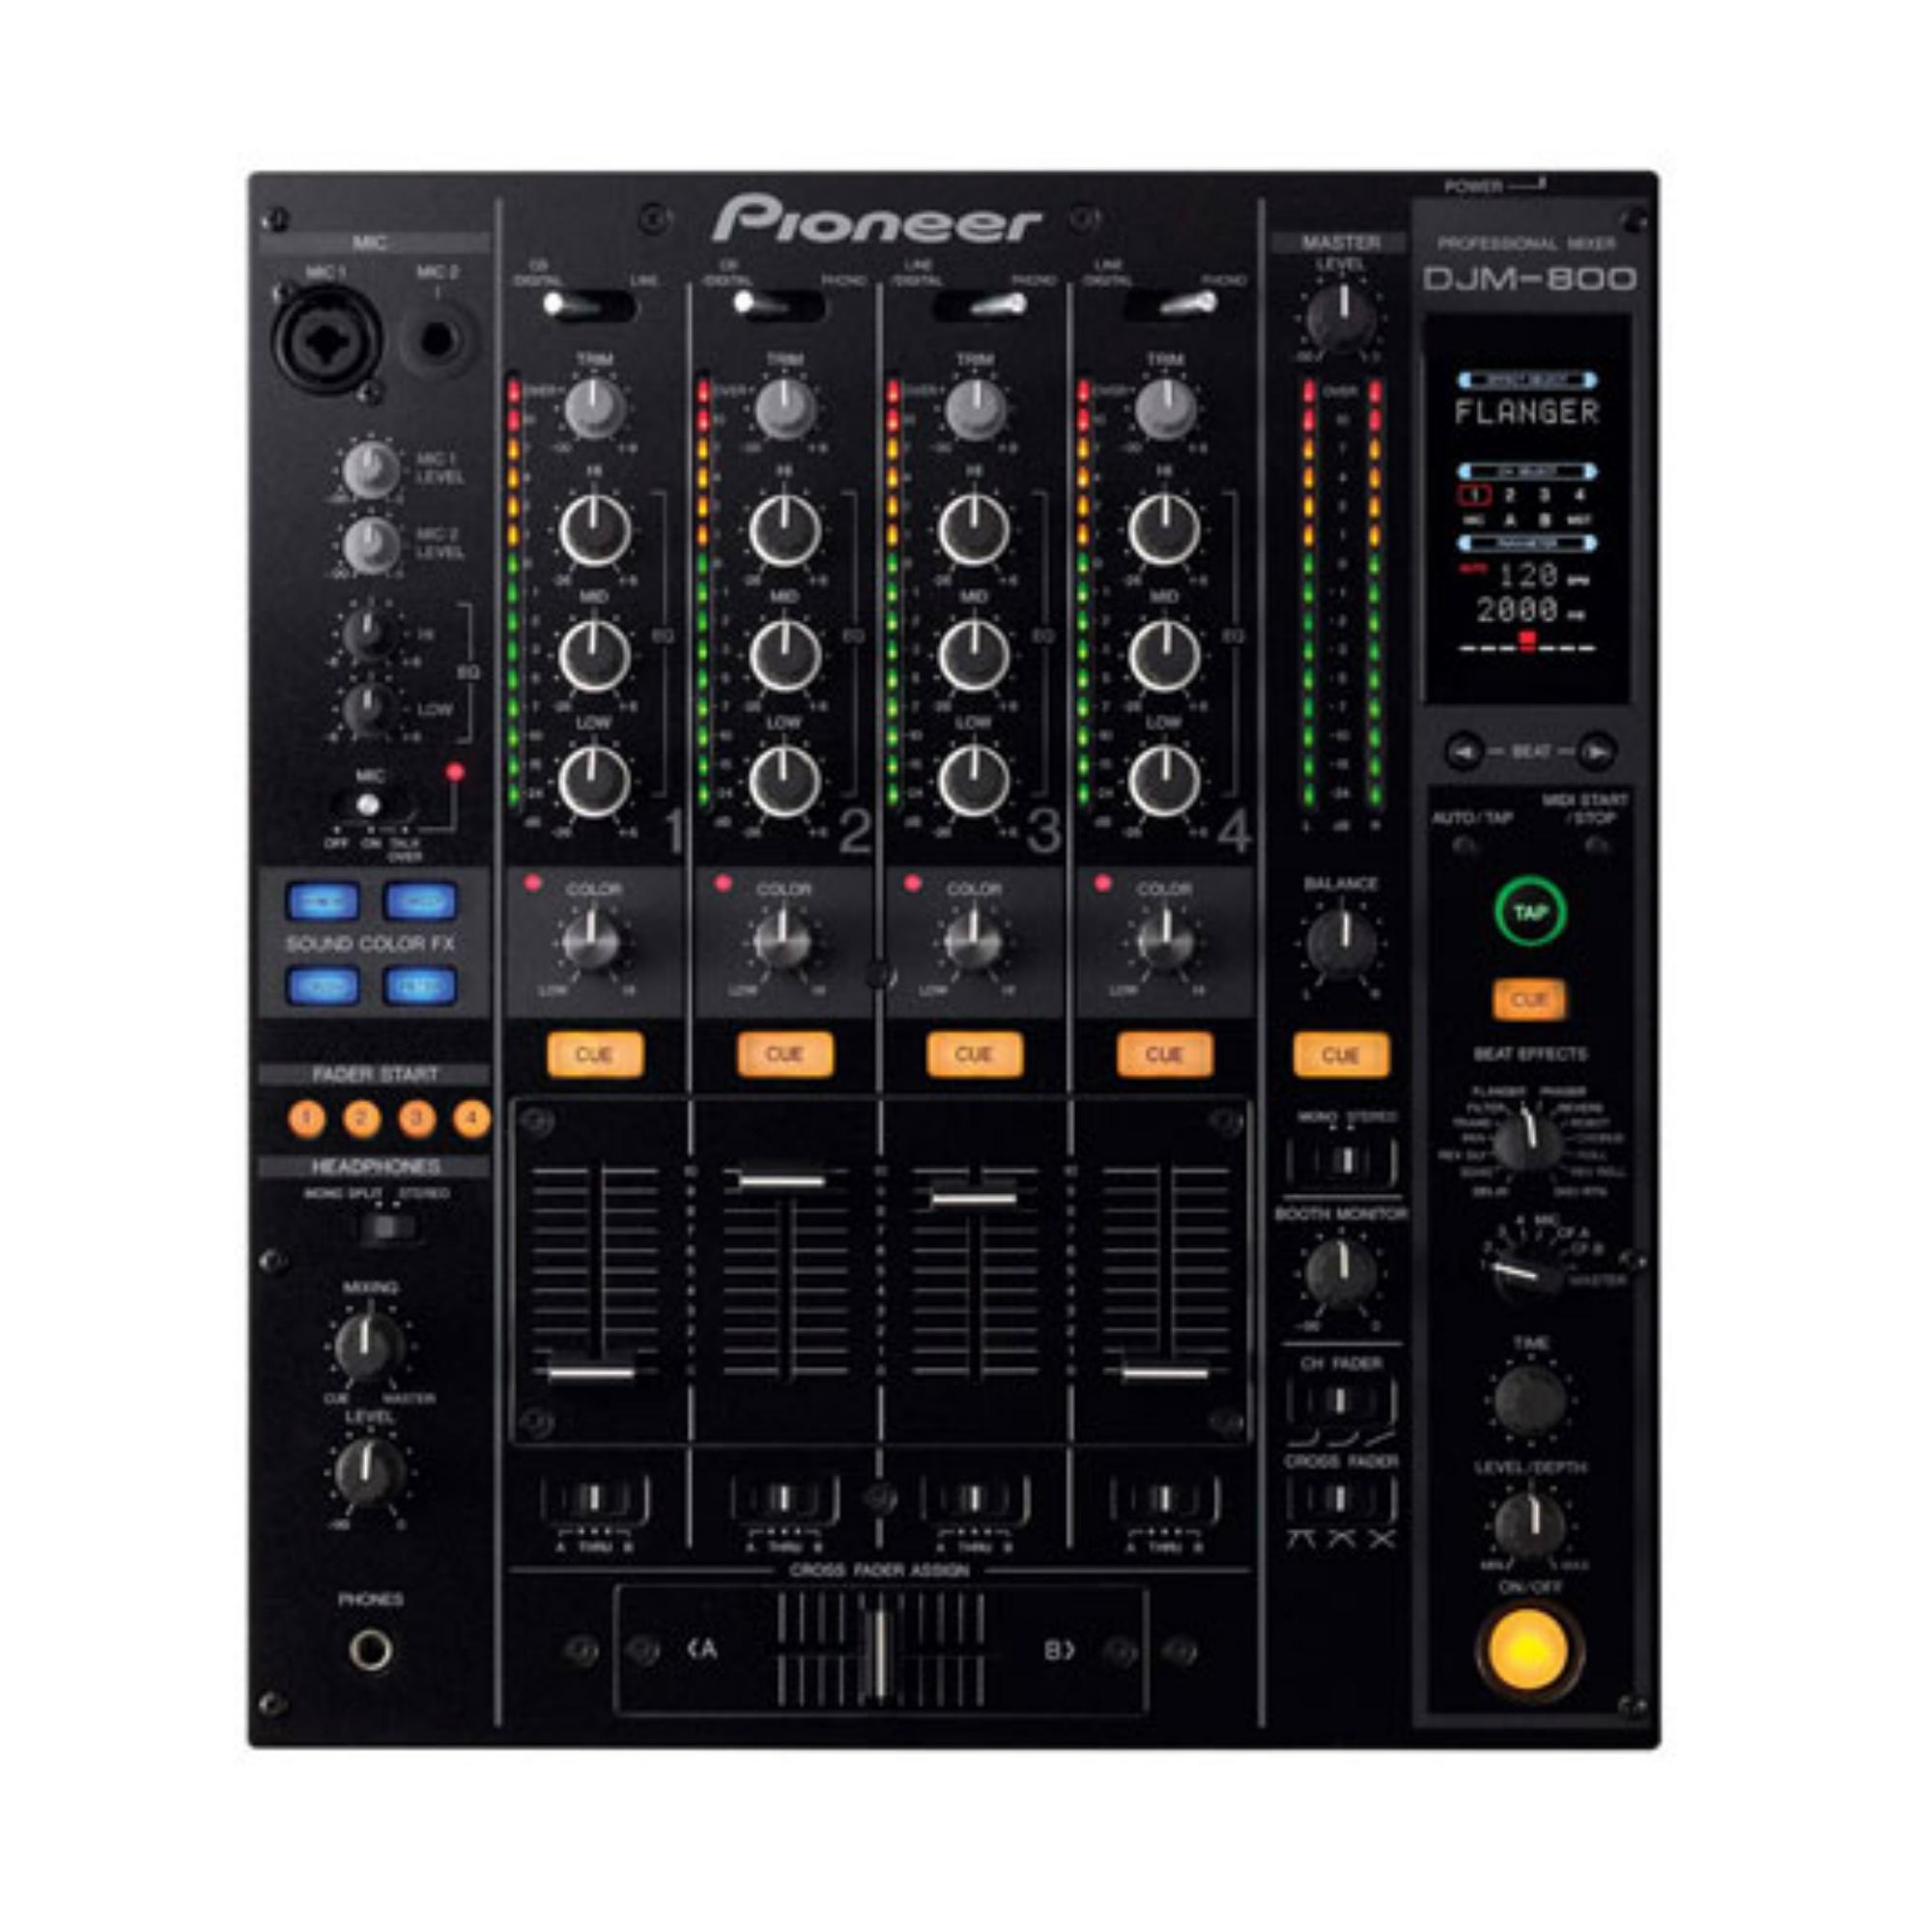 rent-pioneer-djm-800-nexus